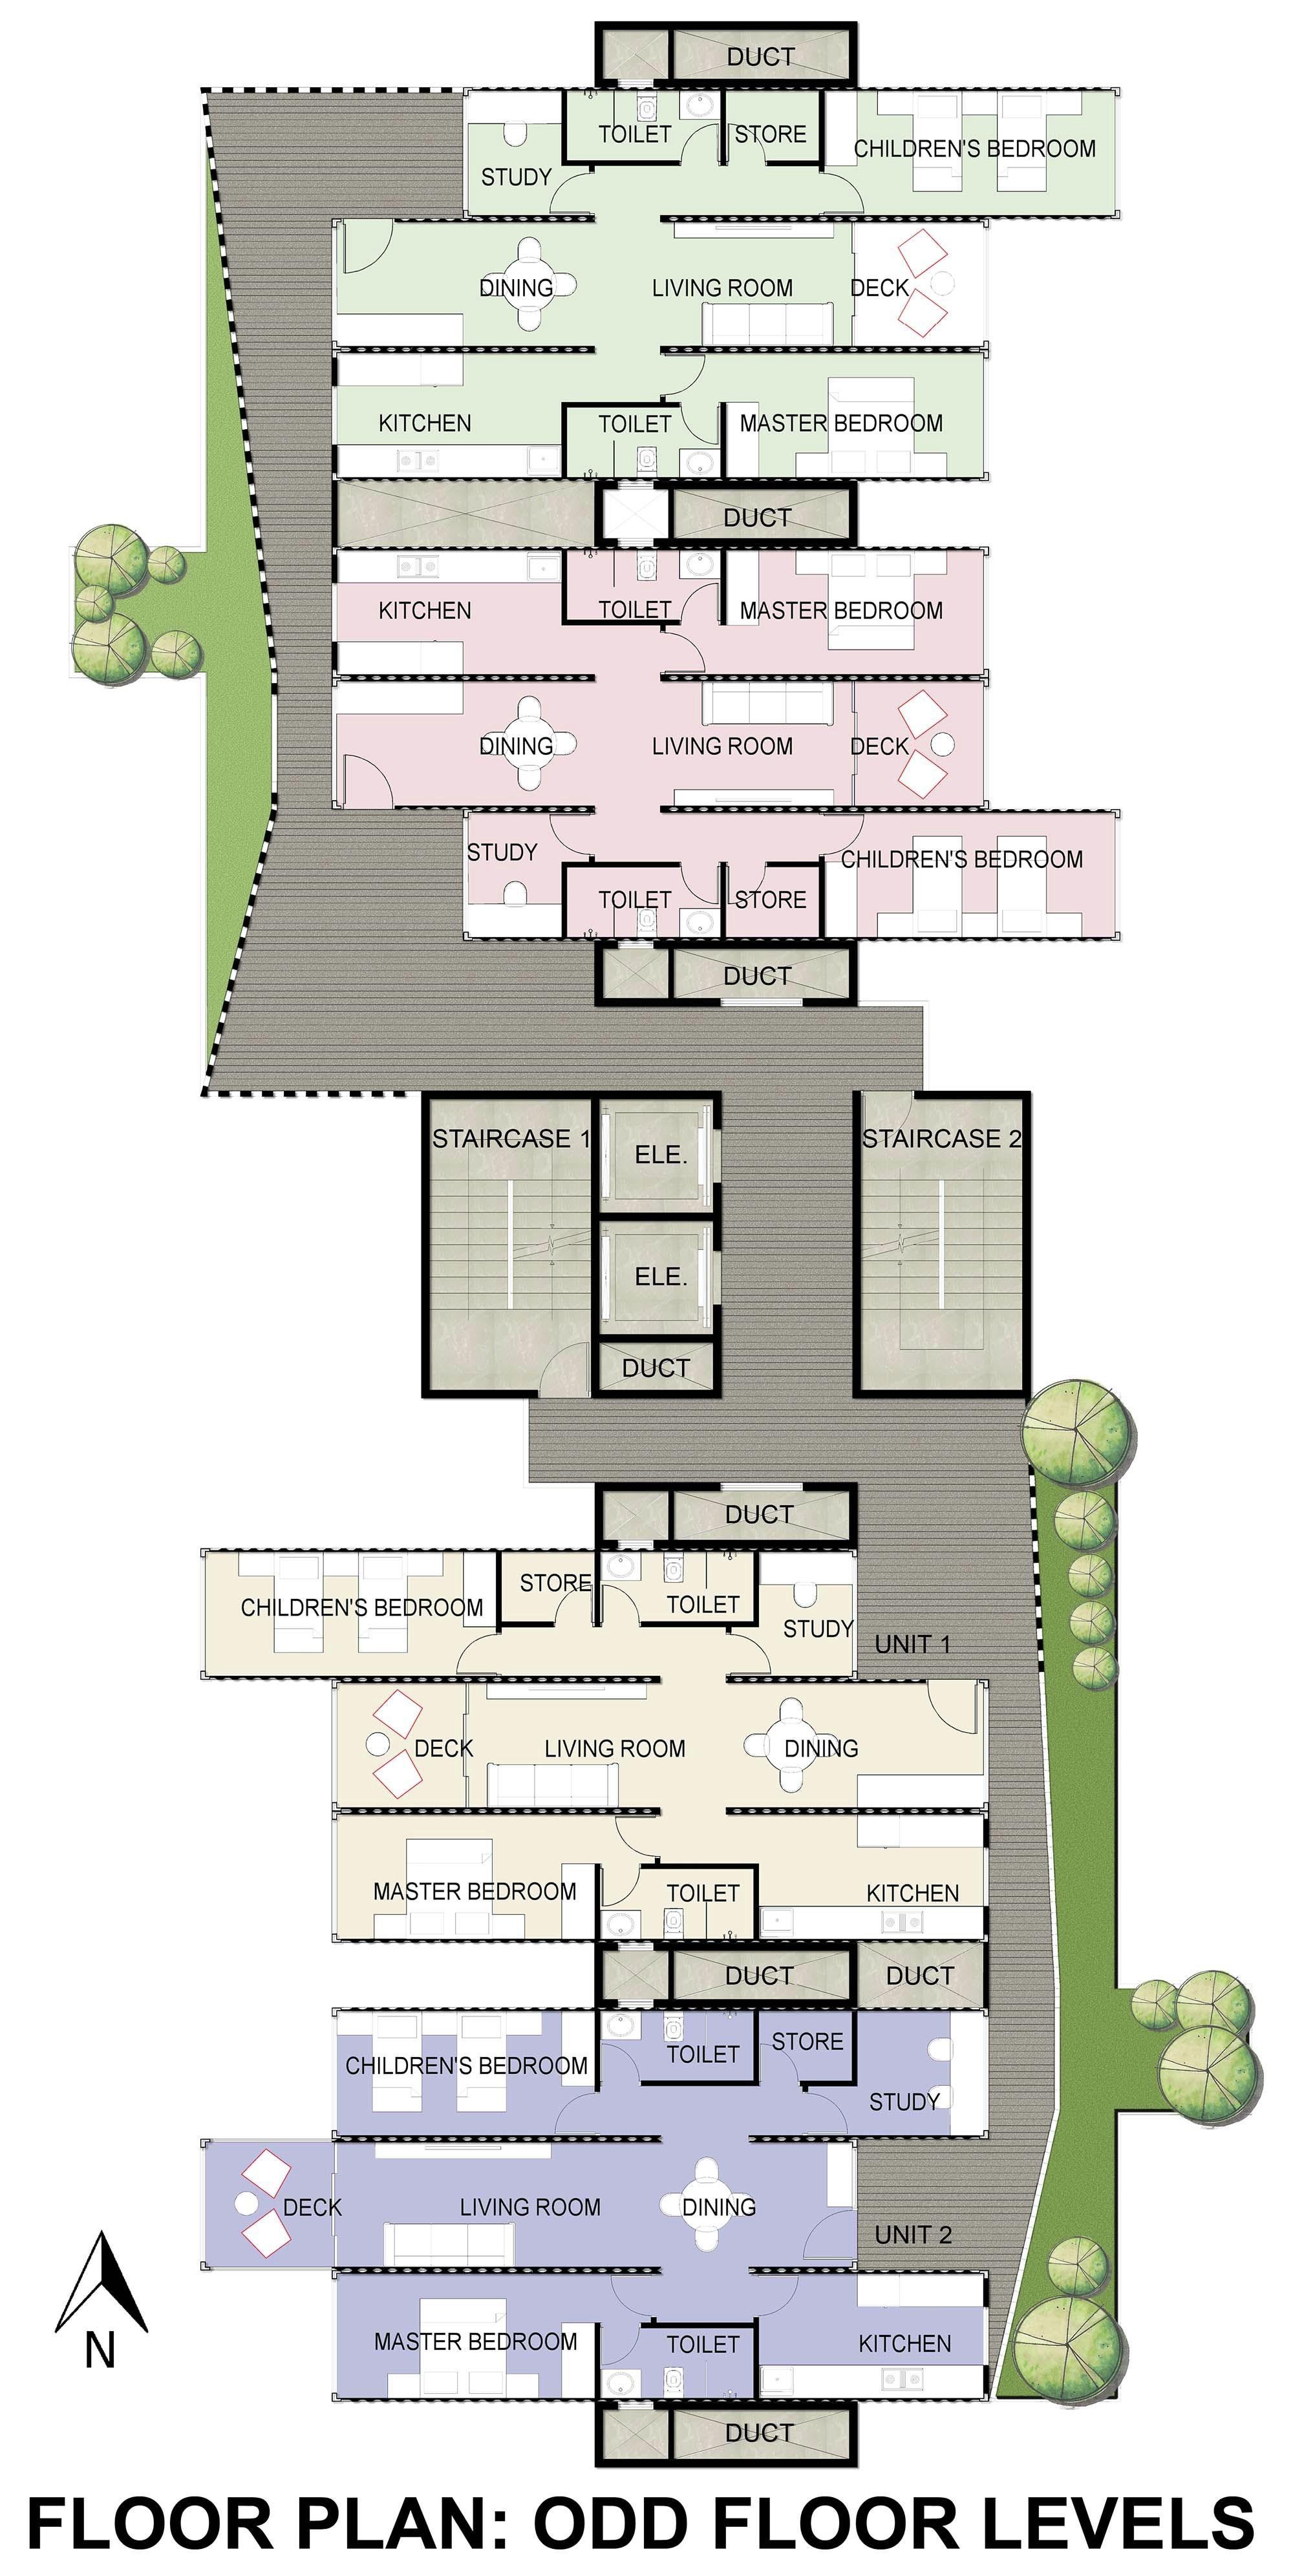 55db3ef4e58ece585f000005 Ga Designs Radical Shipping Container Skyscraper For Mumbai Slum Image on Floor Designs